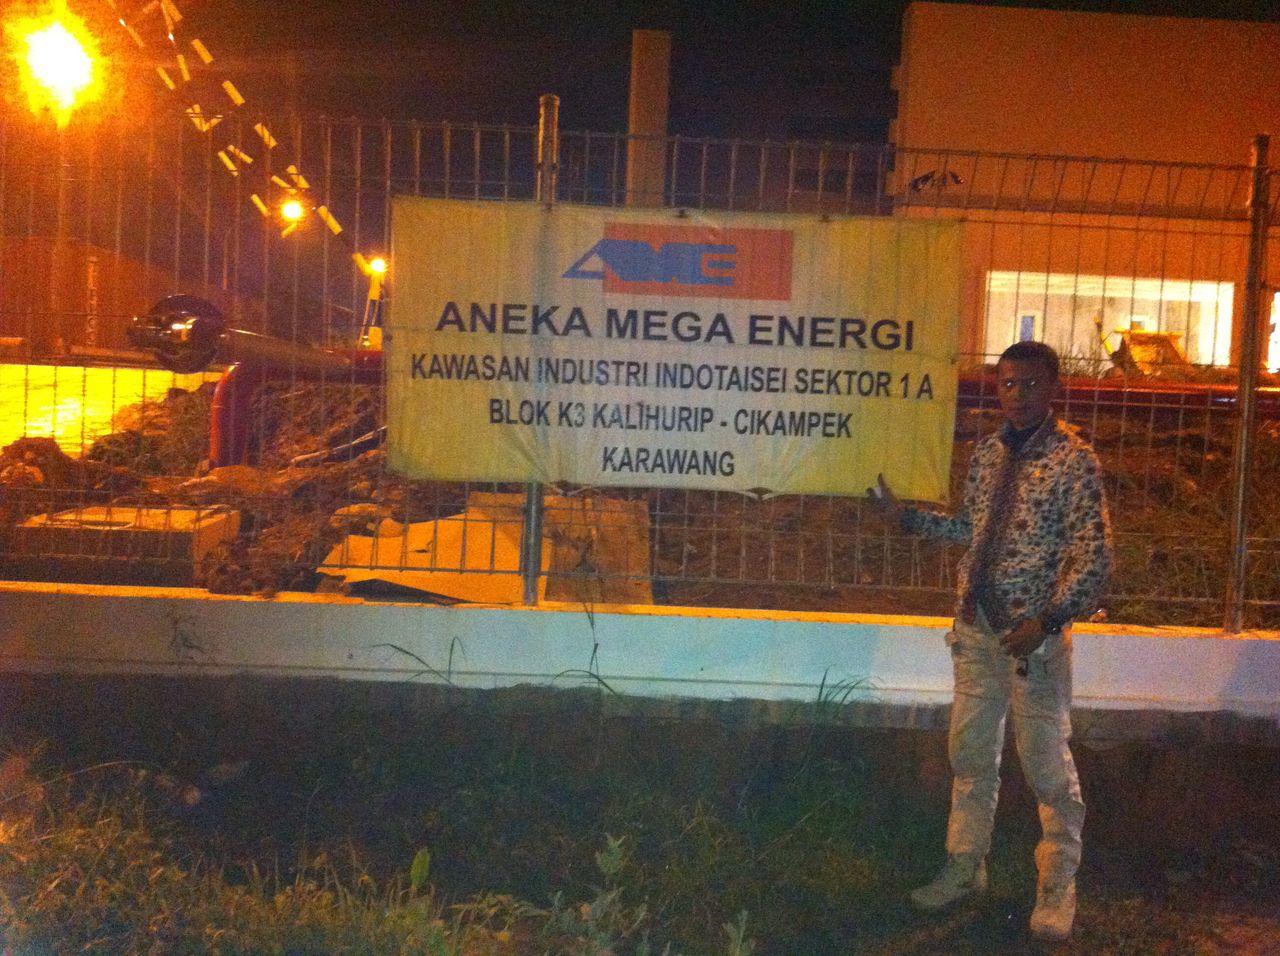 Aneka Mega Energi 01